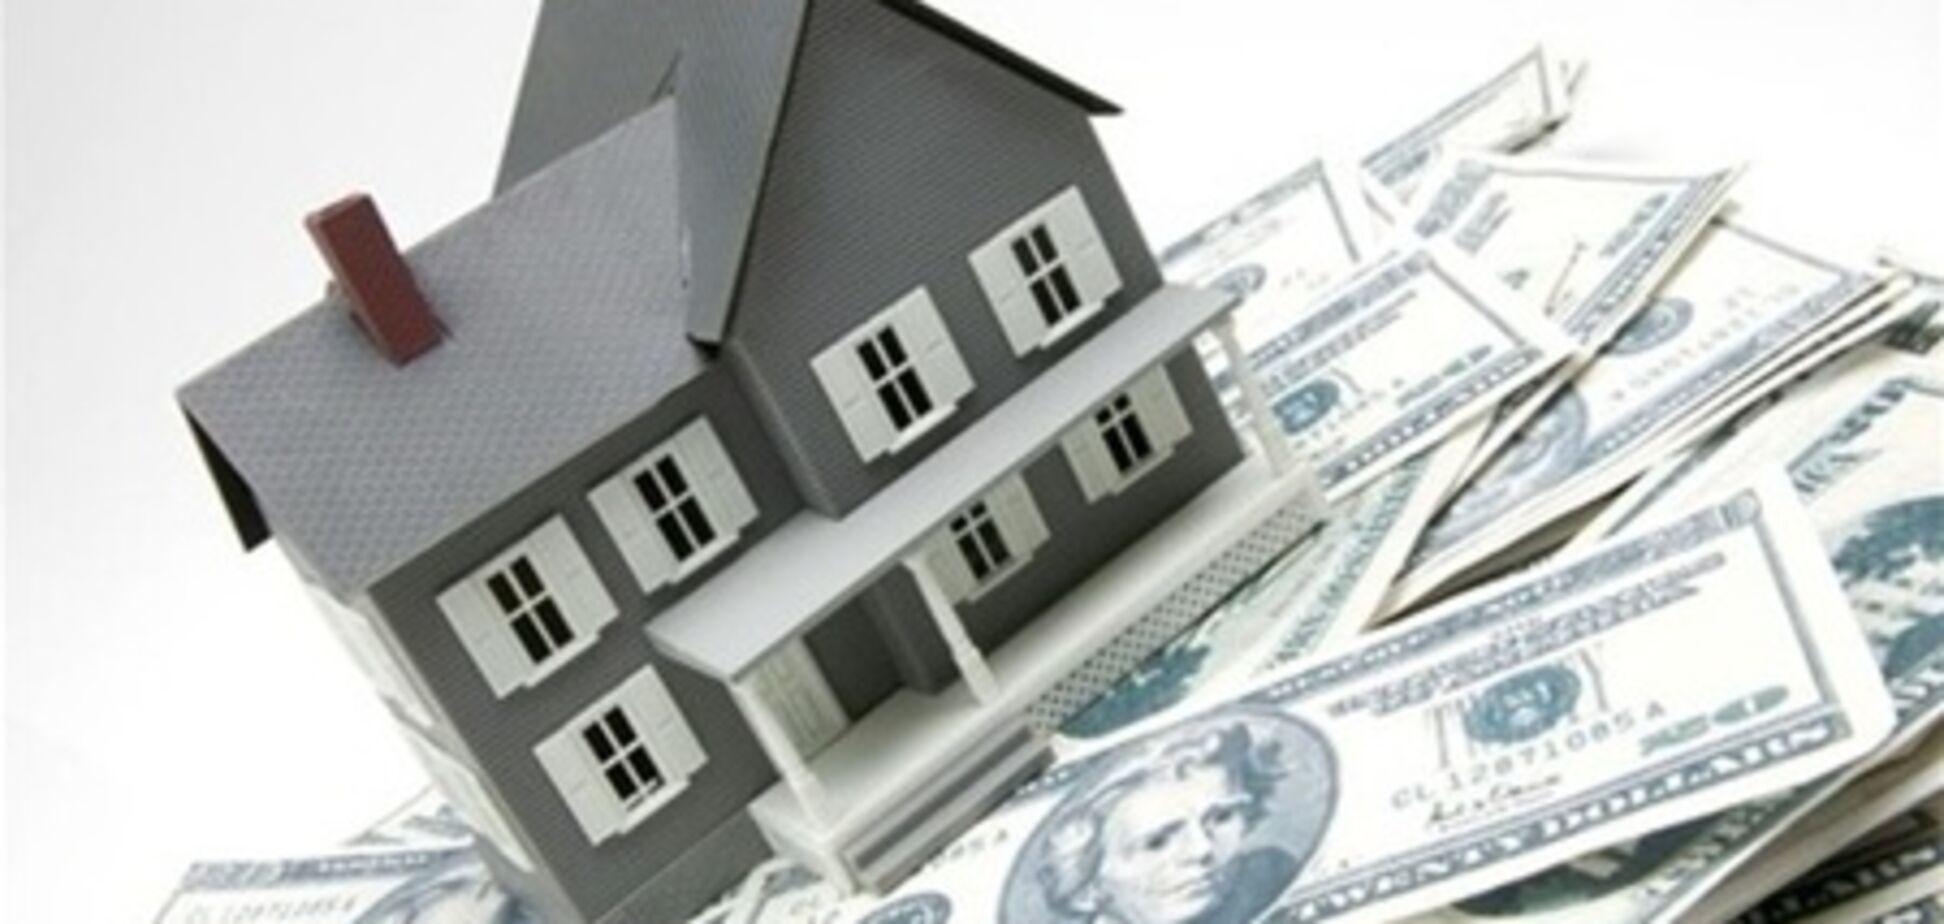 Цены на вторичном рынке жилья будут снижаться до 2013 года